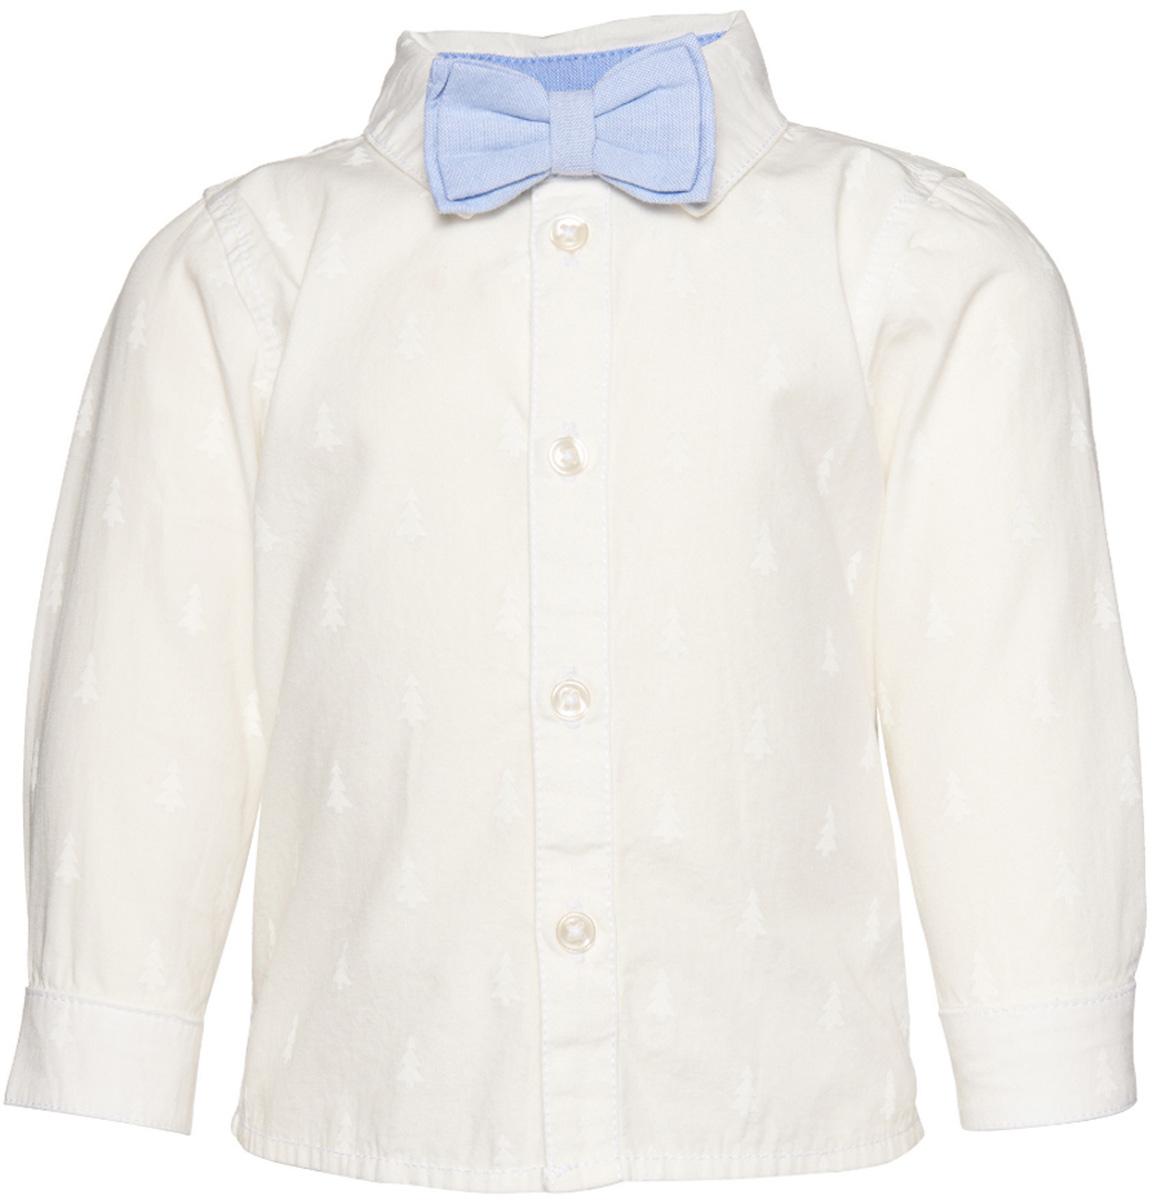 Рубашка для мальчика Tom Tailor, цвет: белый. 2032499.40.22_2067. Размер 74